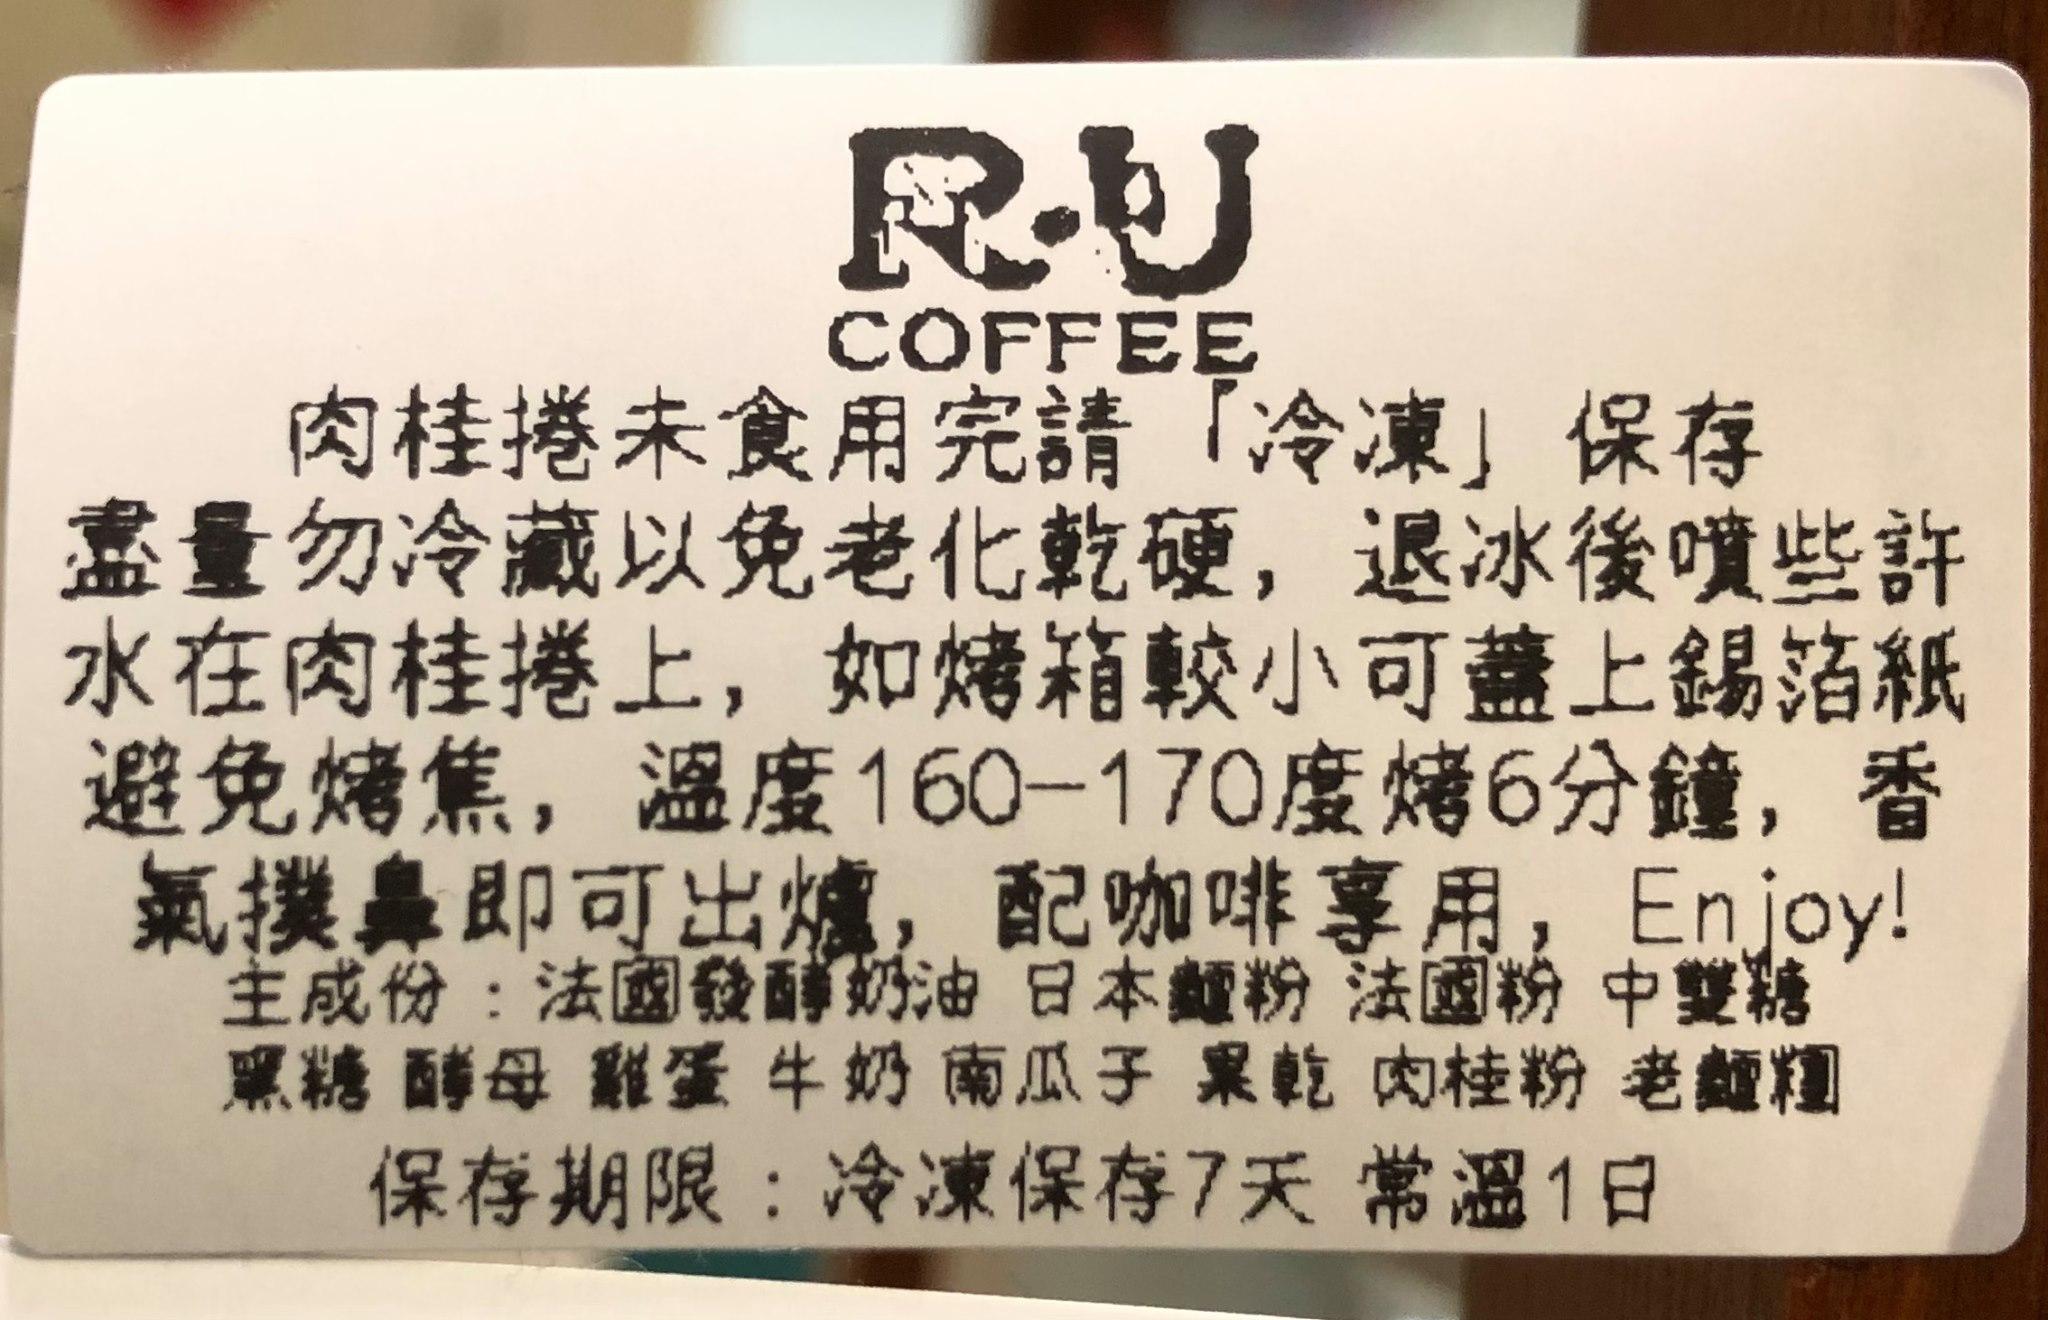 R.U COFFEE